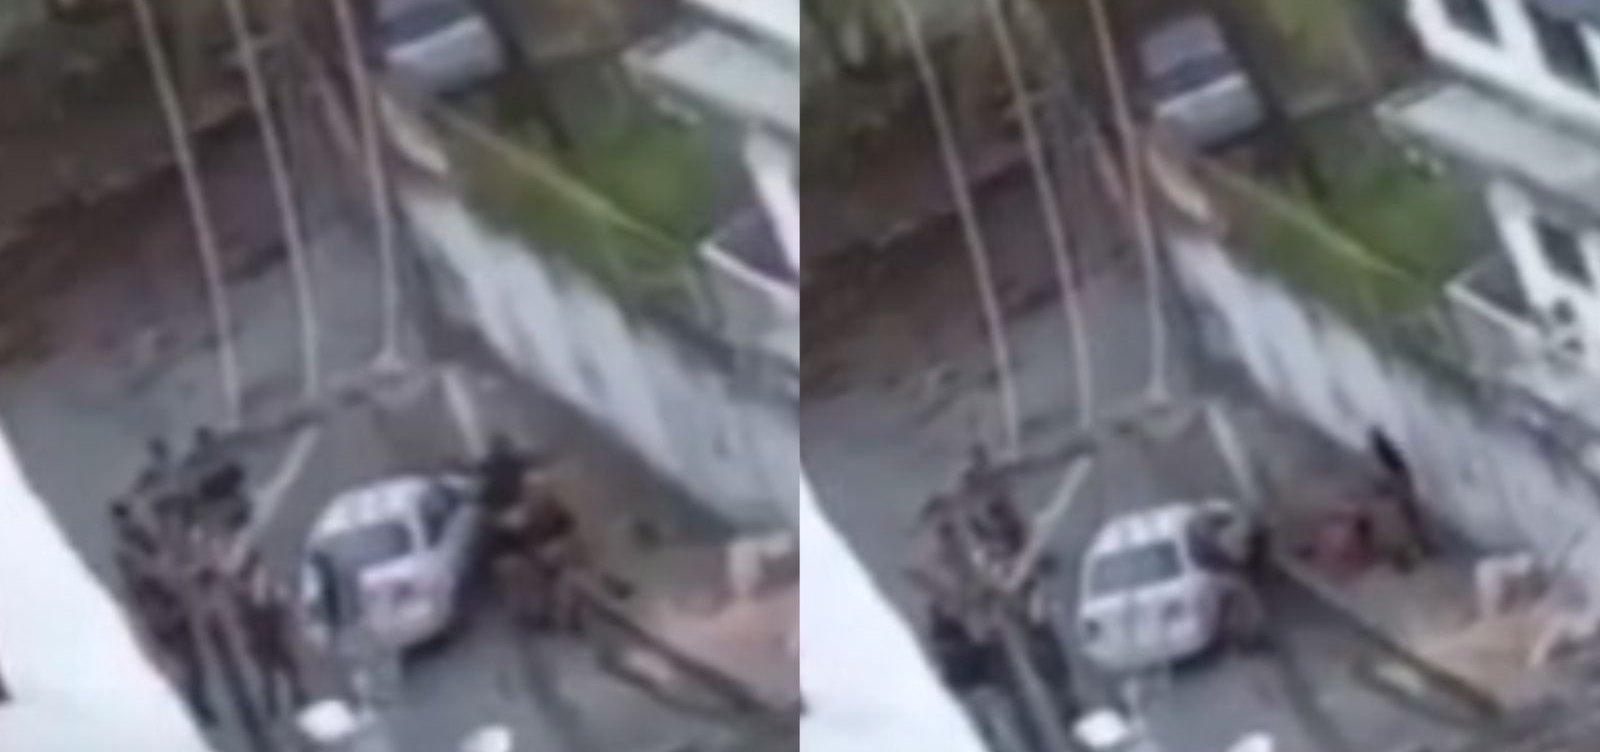 Vídeo mostra policiais da Rondesp executando homem rendido; PM diz que reagiu a ataques